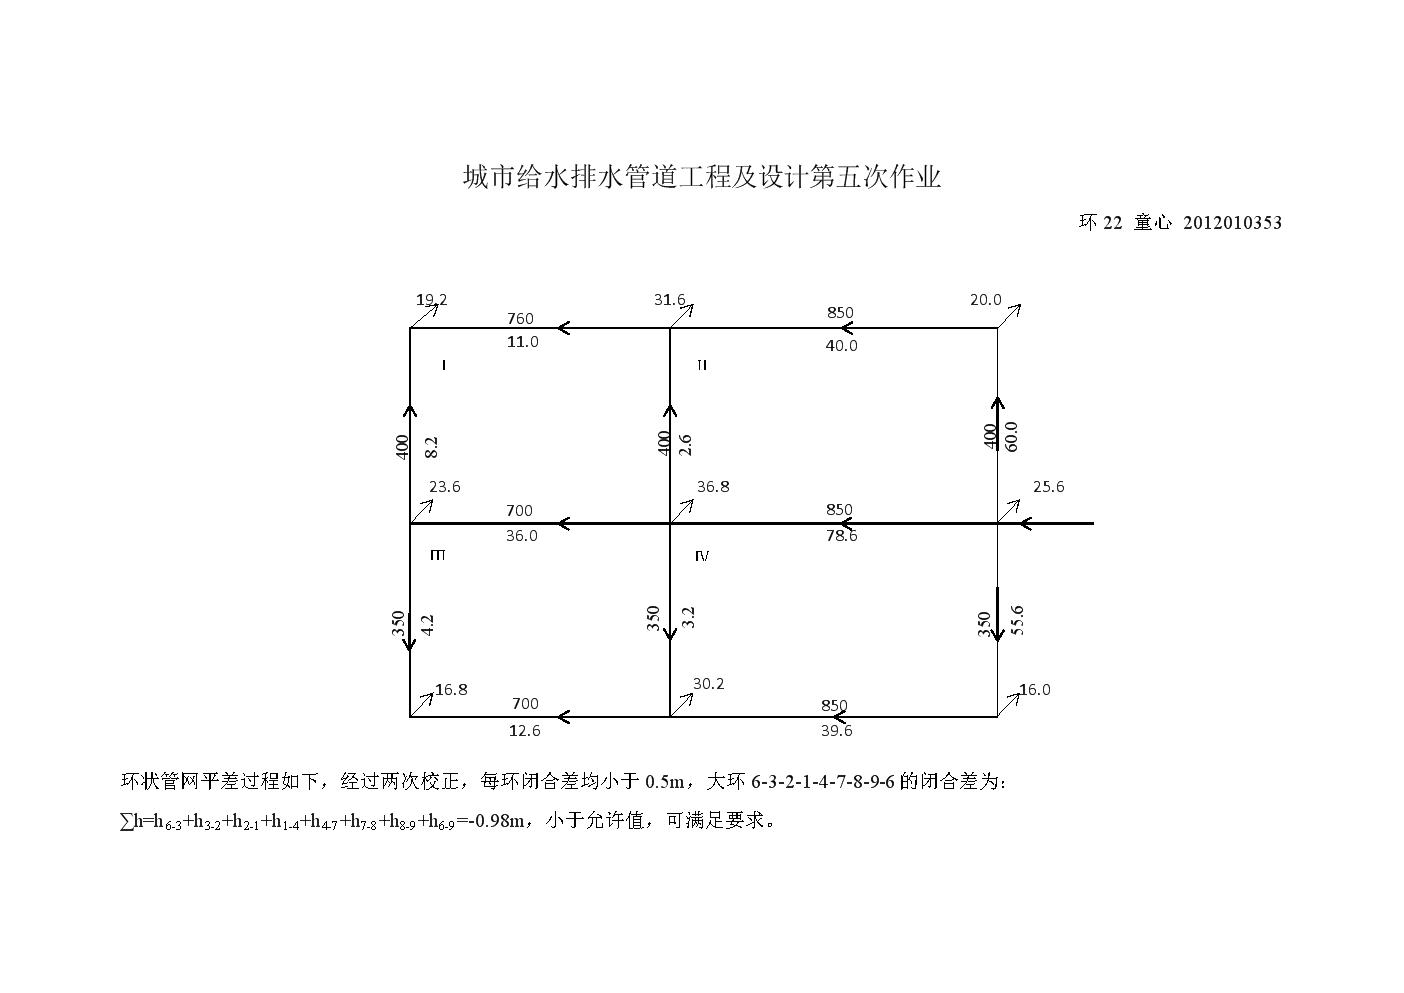 城水作业week3-1资料.docx